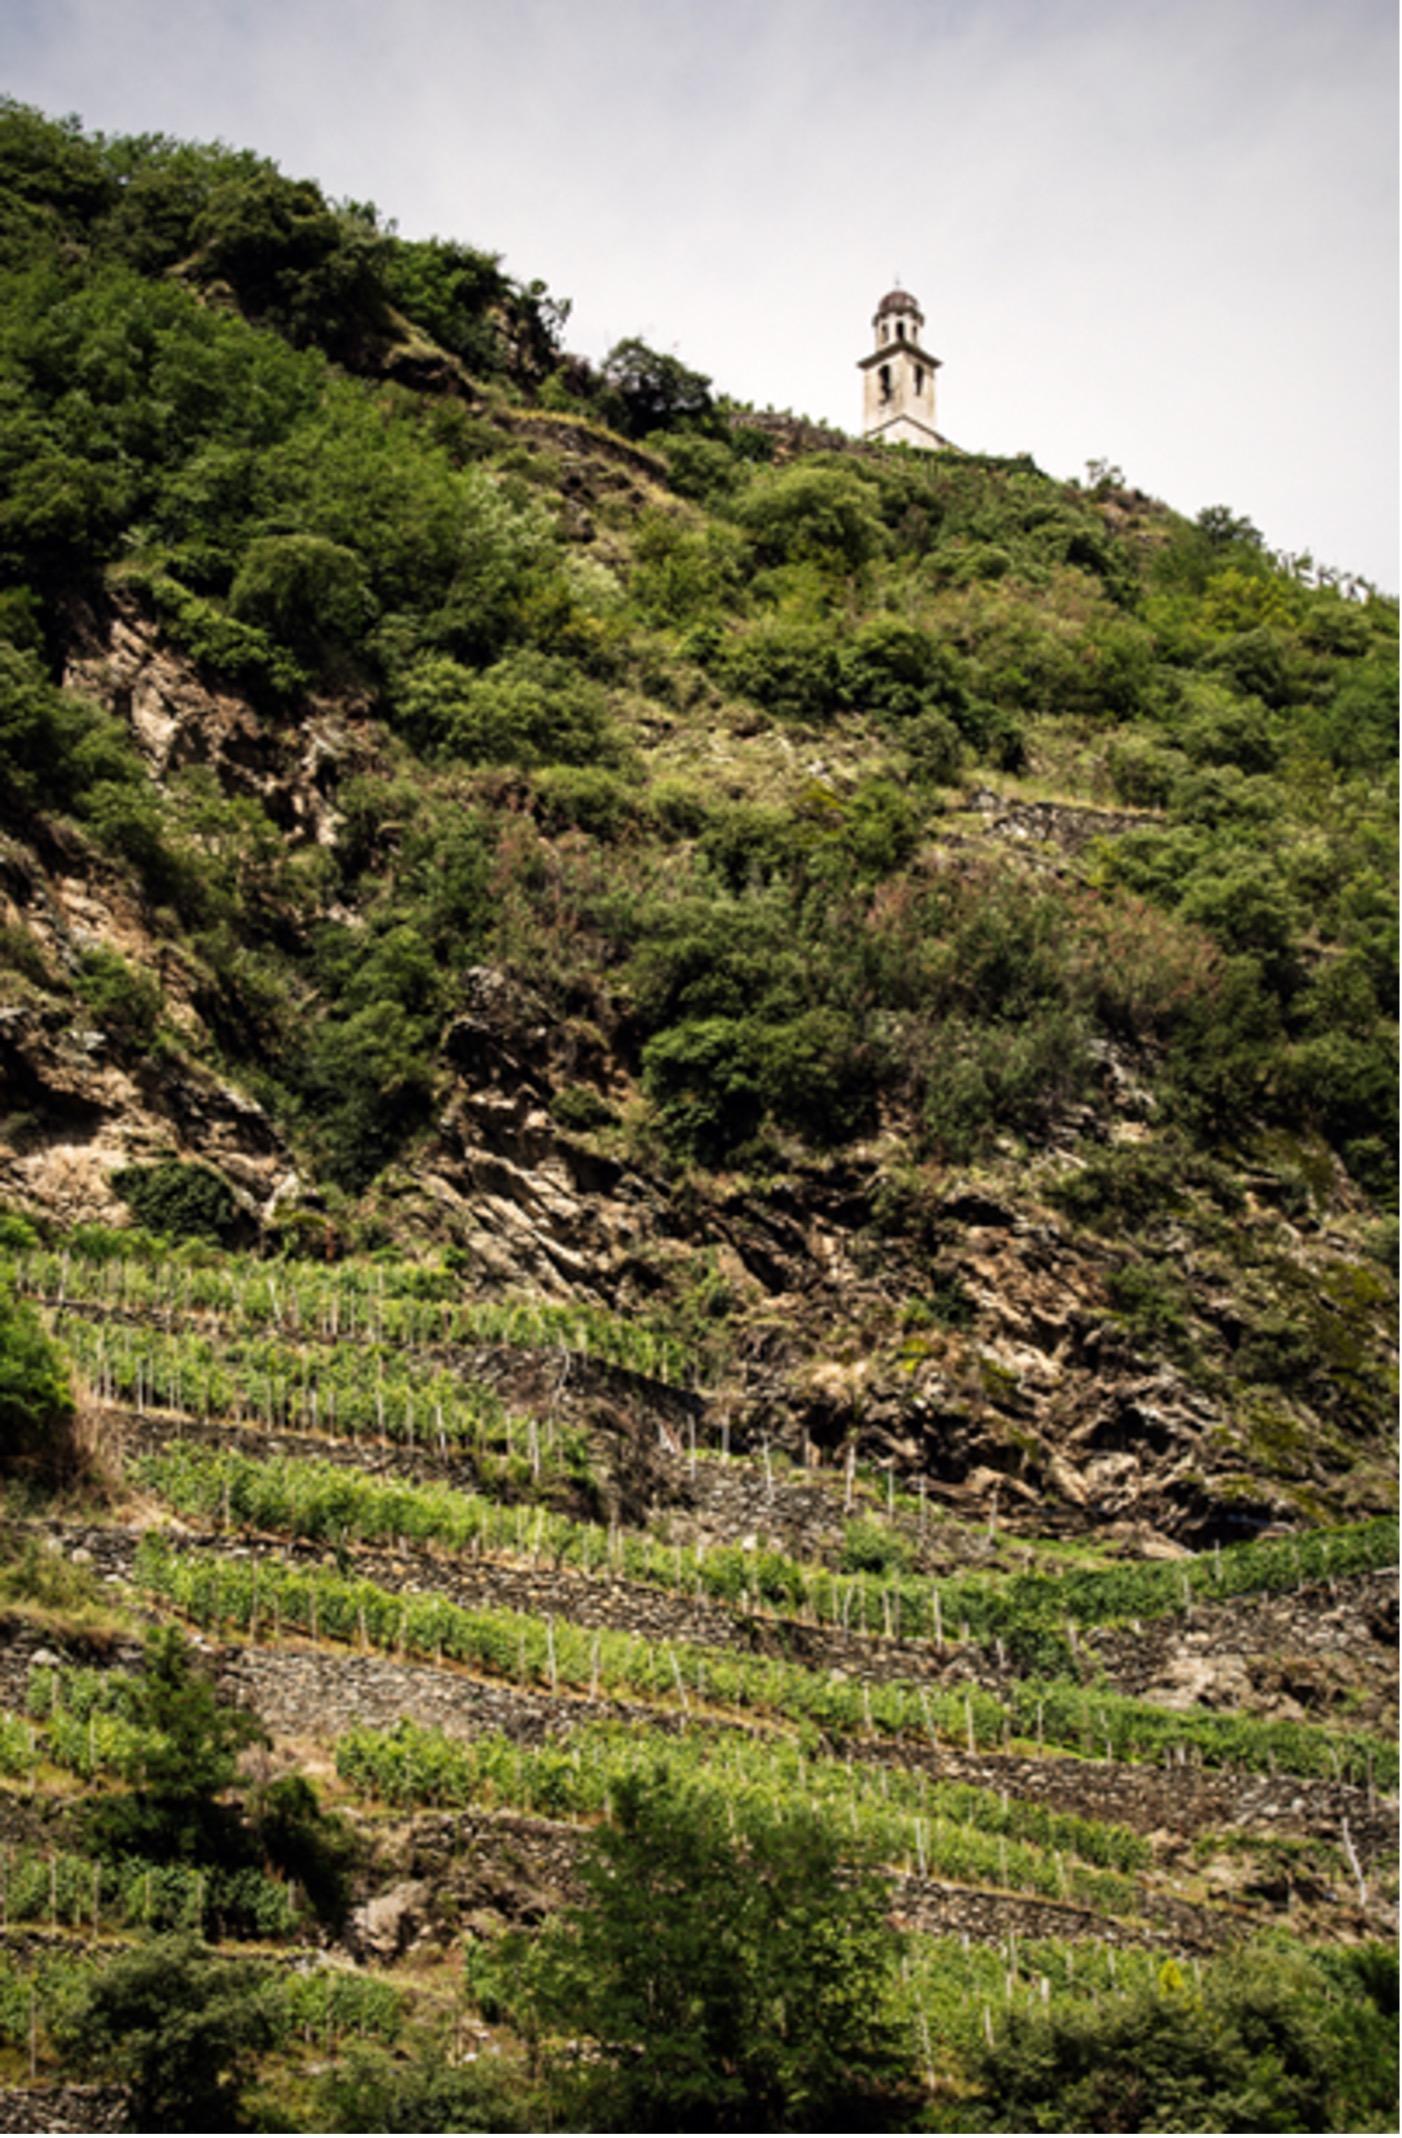 Courtesy of Consorzio dei Vini di Valtellina